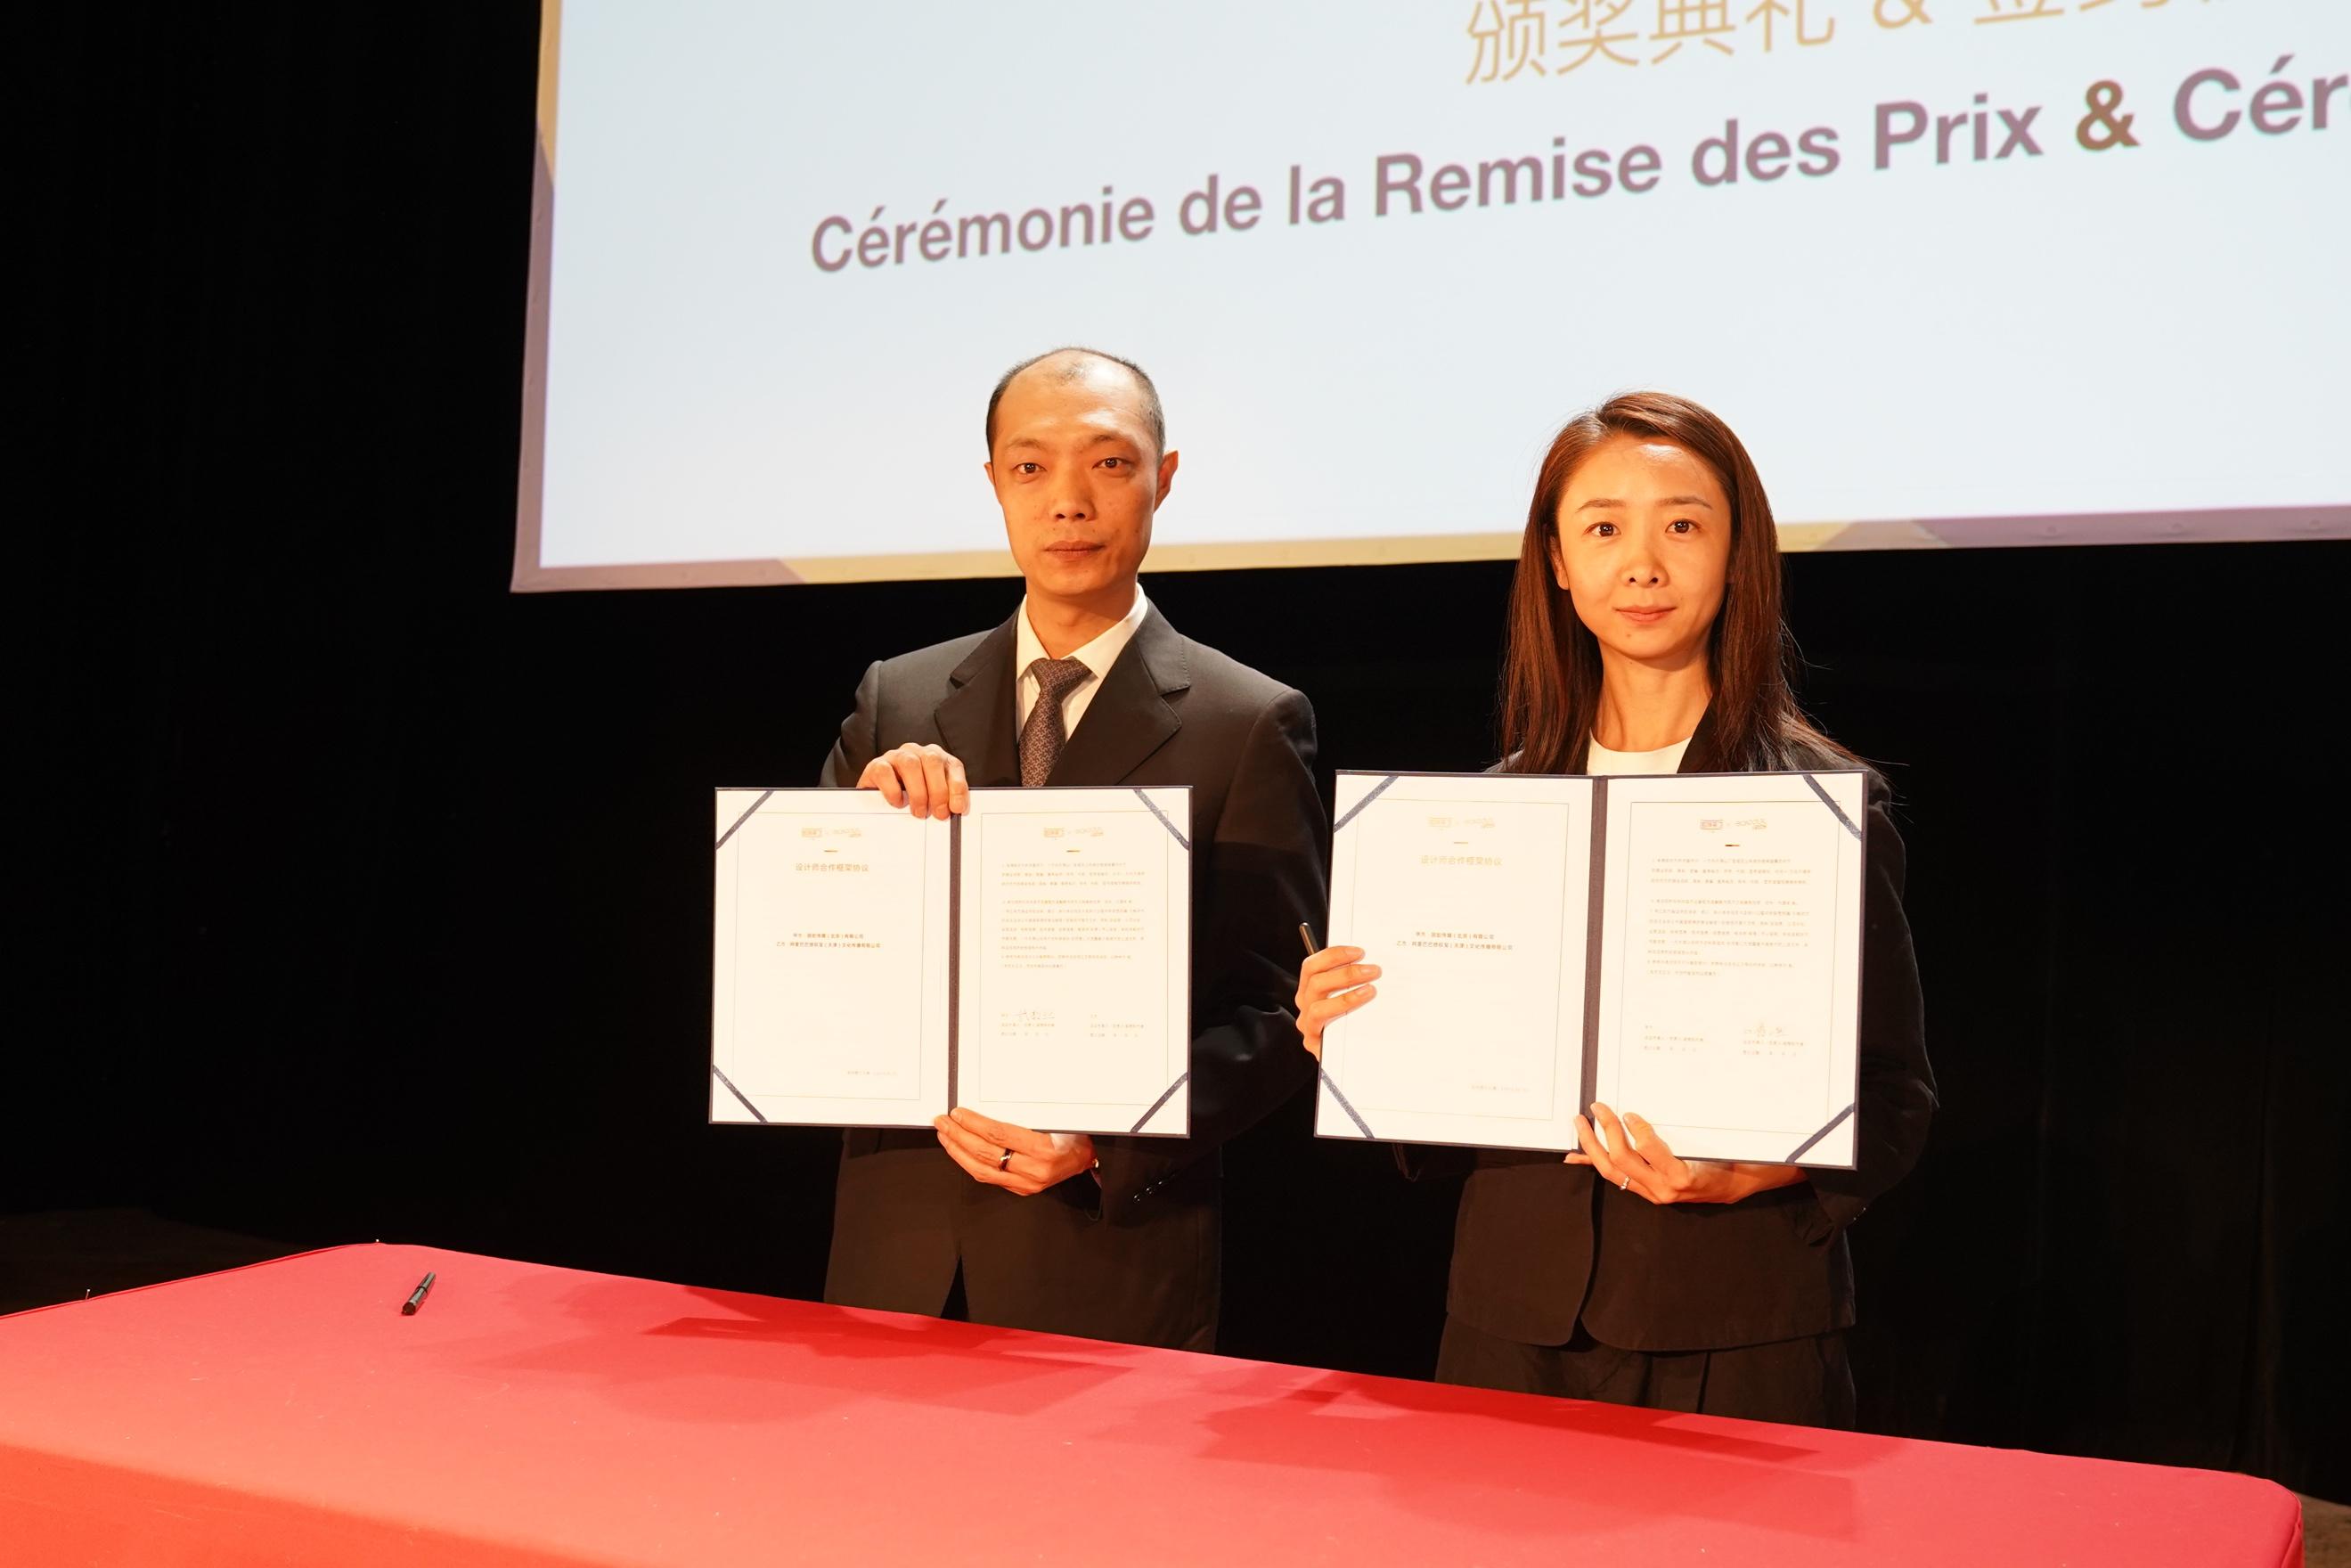 阿里鱼在巴黎签约设计师合作 促成yabo2018 vip设计联姻中国创造_yabo2018 vip新闻_yabo2018 vip中文网